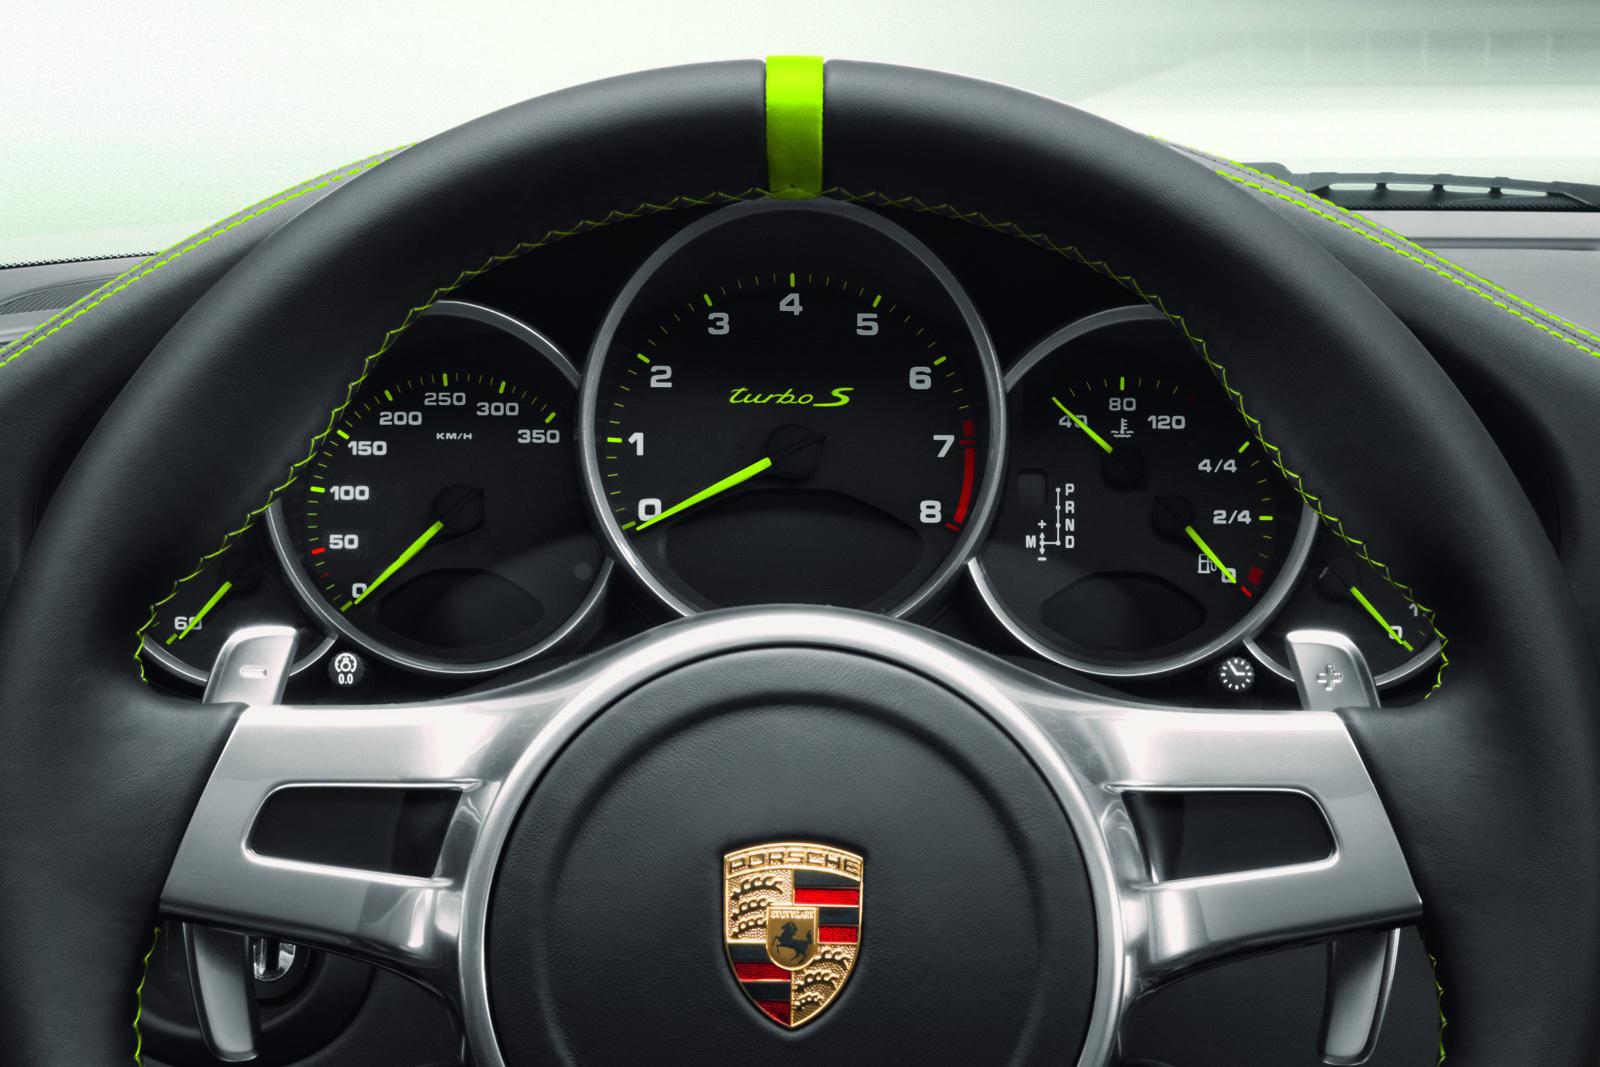 Automotivegeneral porsche 911 turbo s 918 spyder interior wallpapers - Porsche 918 interior ...